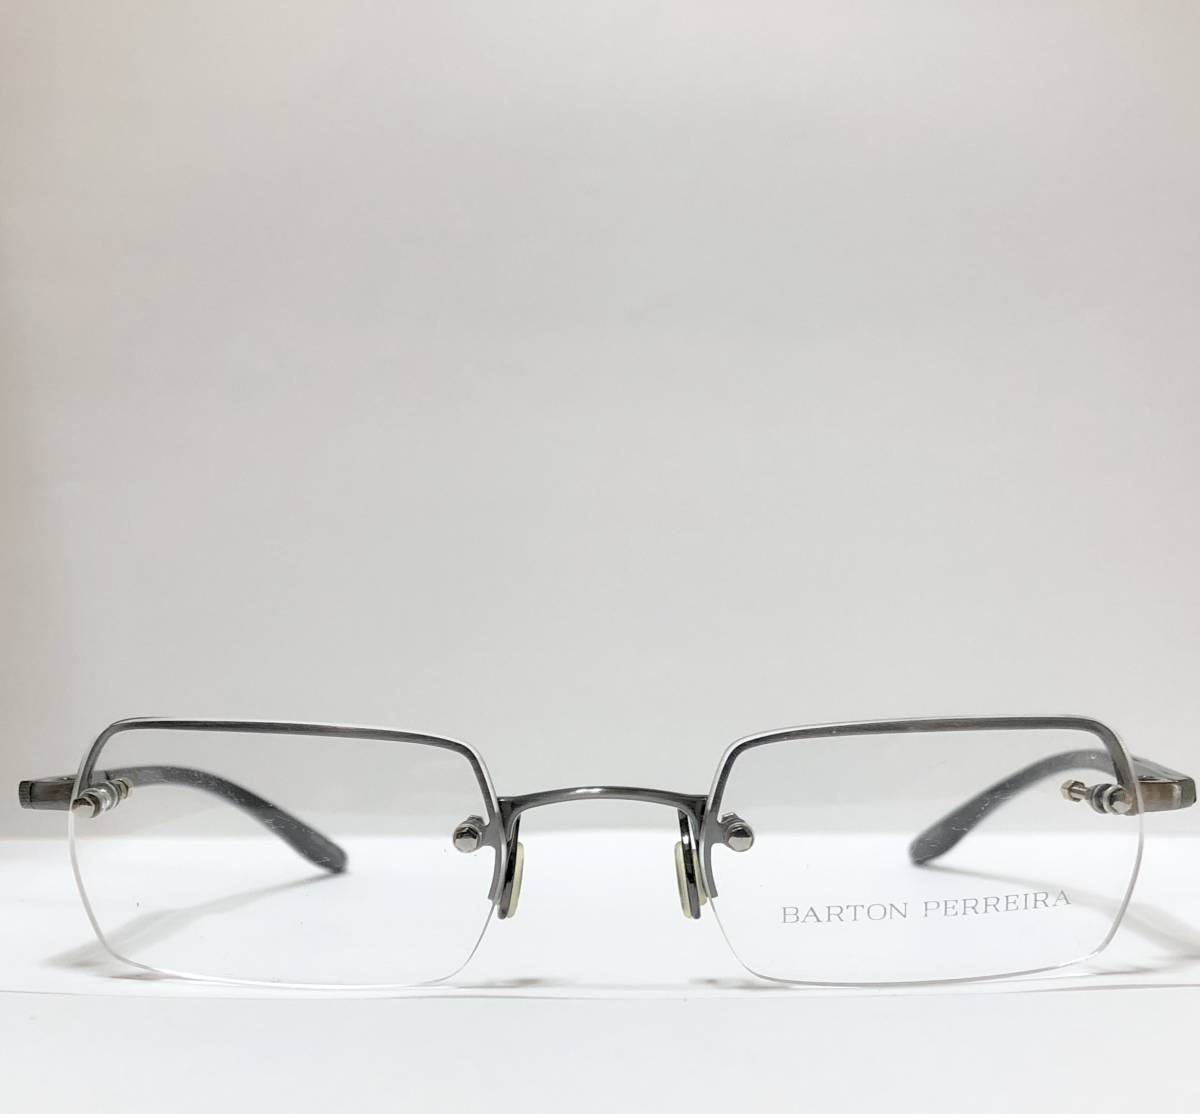 定価 84000円 バートンペレイラ ヘリックス 正規日本製 六角形レンズ 黒・シルバー メガネ 純正ケース付き Barton Perreira 米国ブランド_画像1